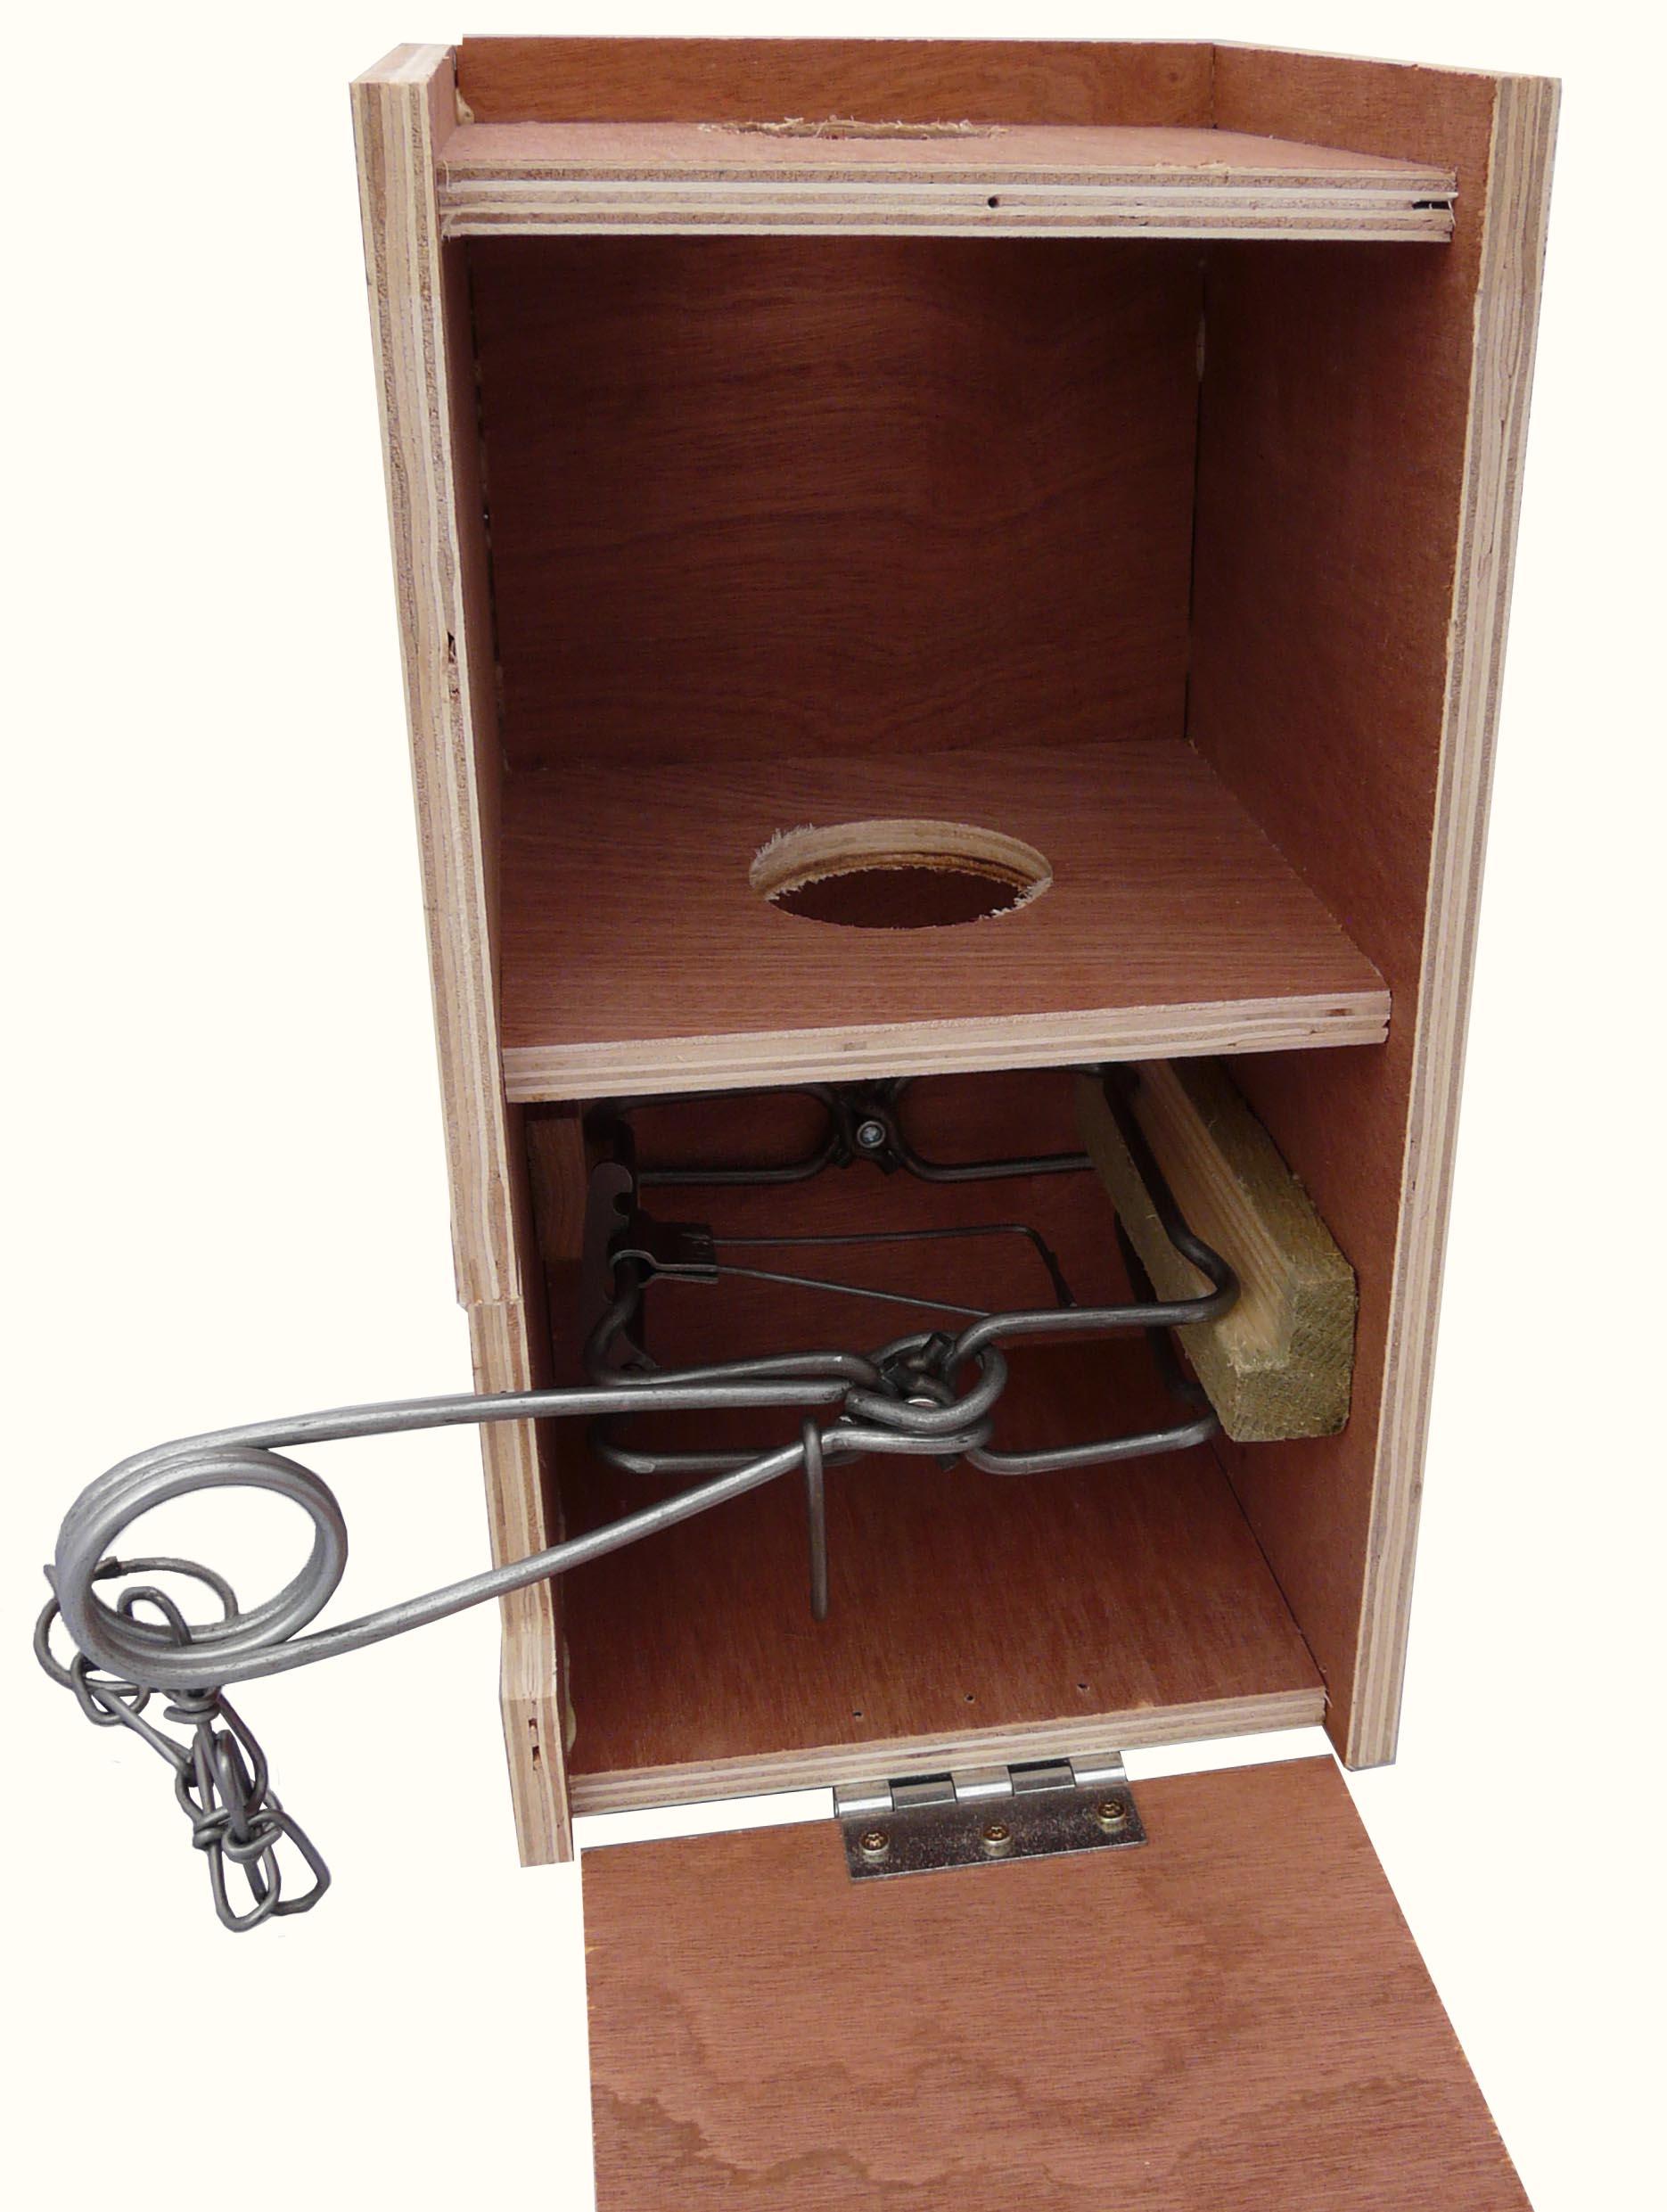 Fineren Bodygrip Box Trap For Squirrels